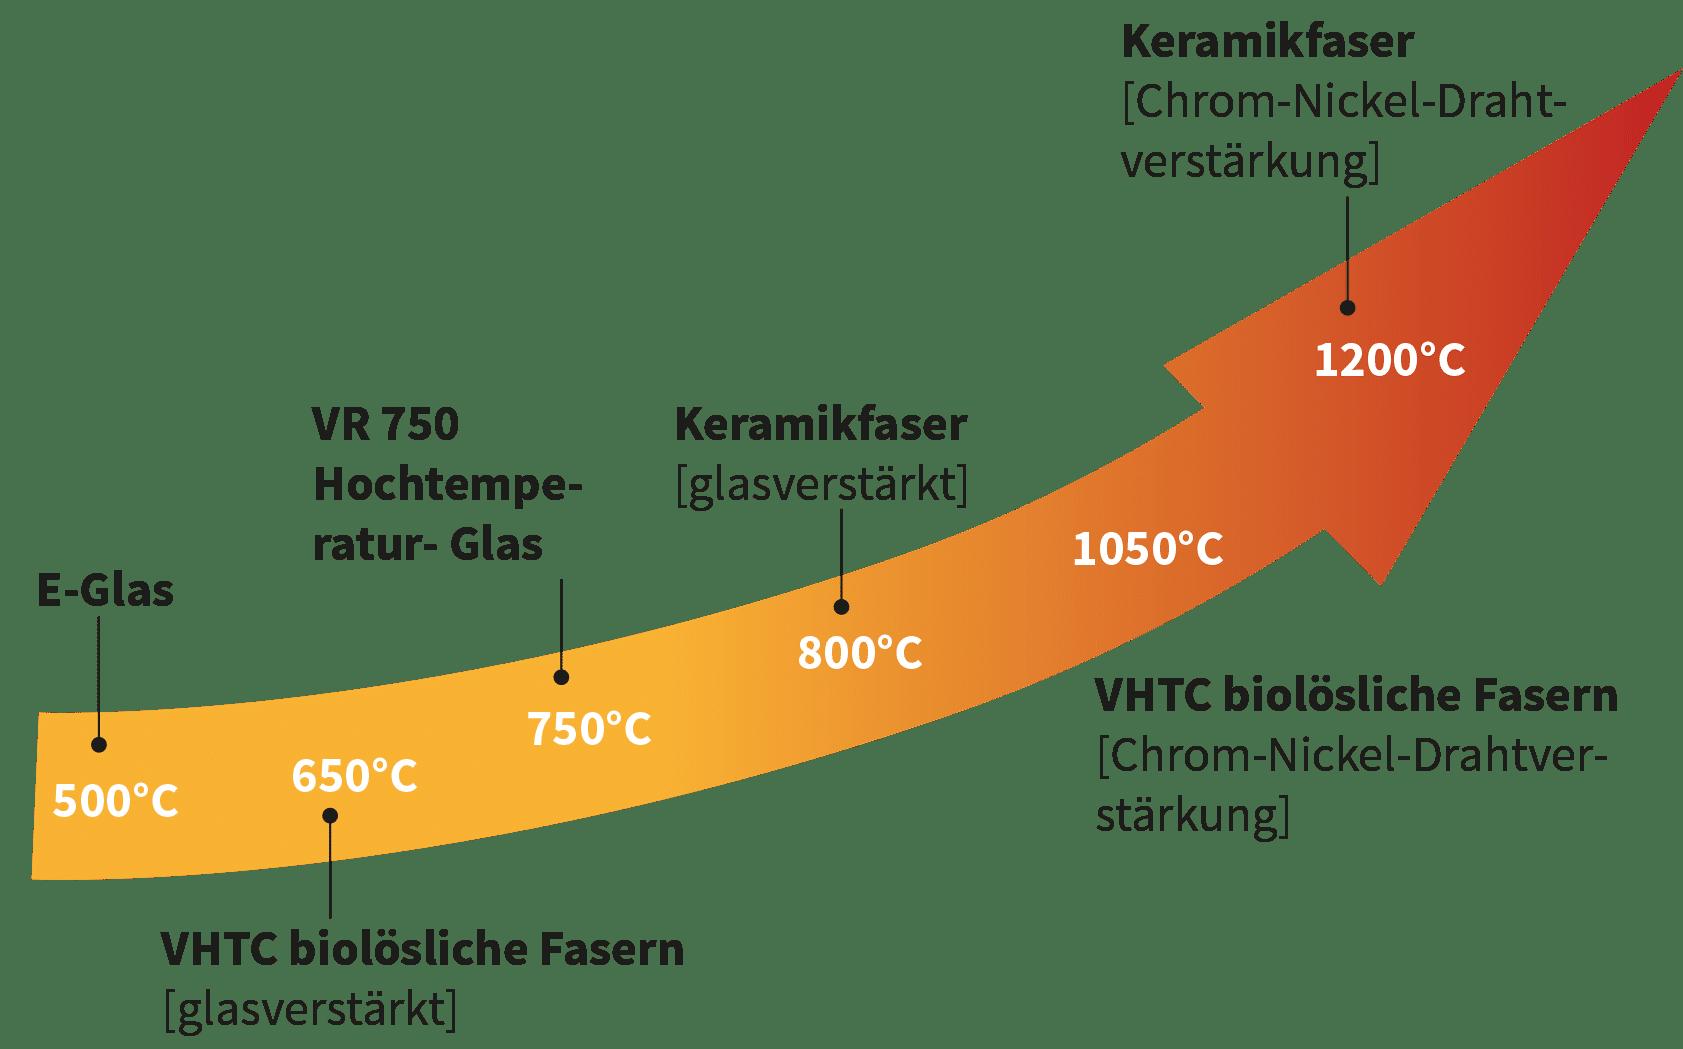 Deutsch: Abbildung zeigt Grafik für thermische Isolierungsmaterialien